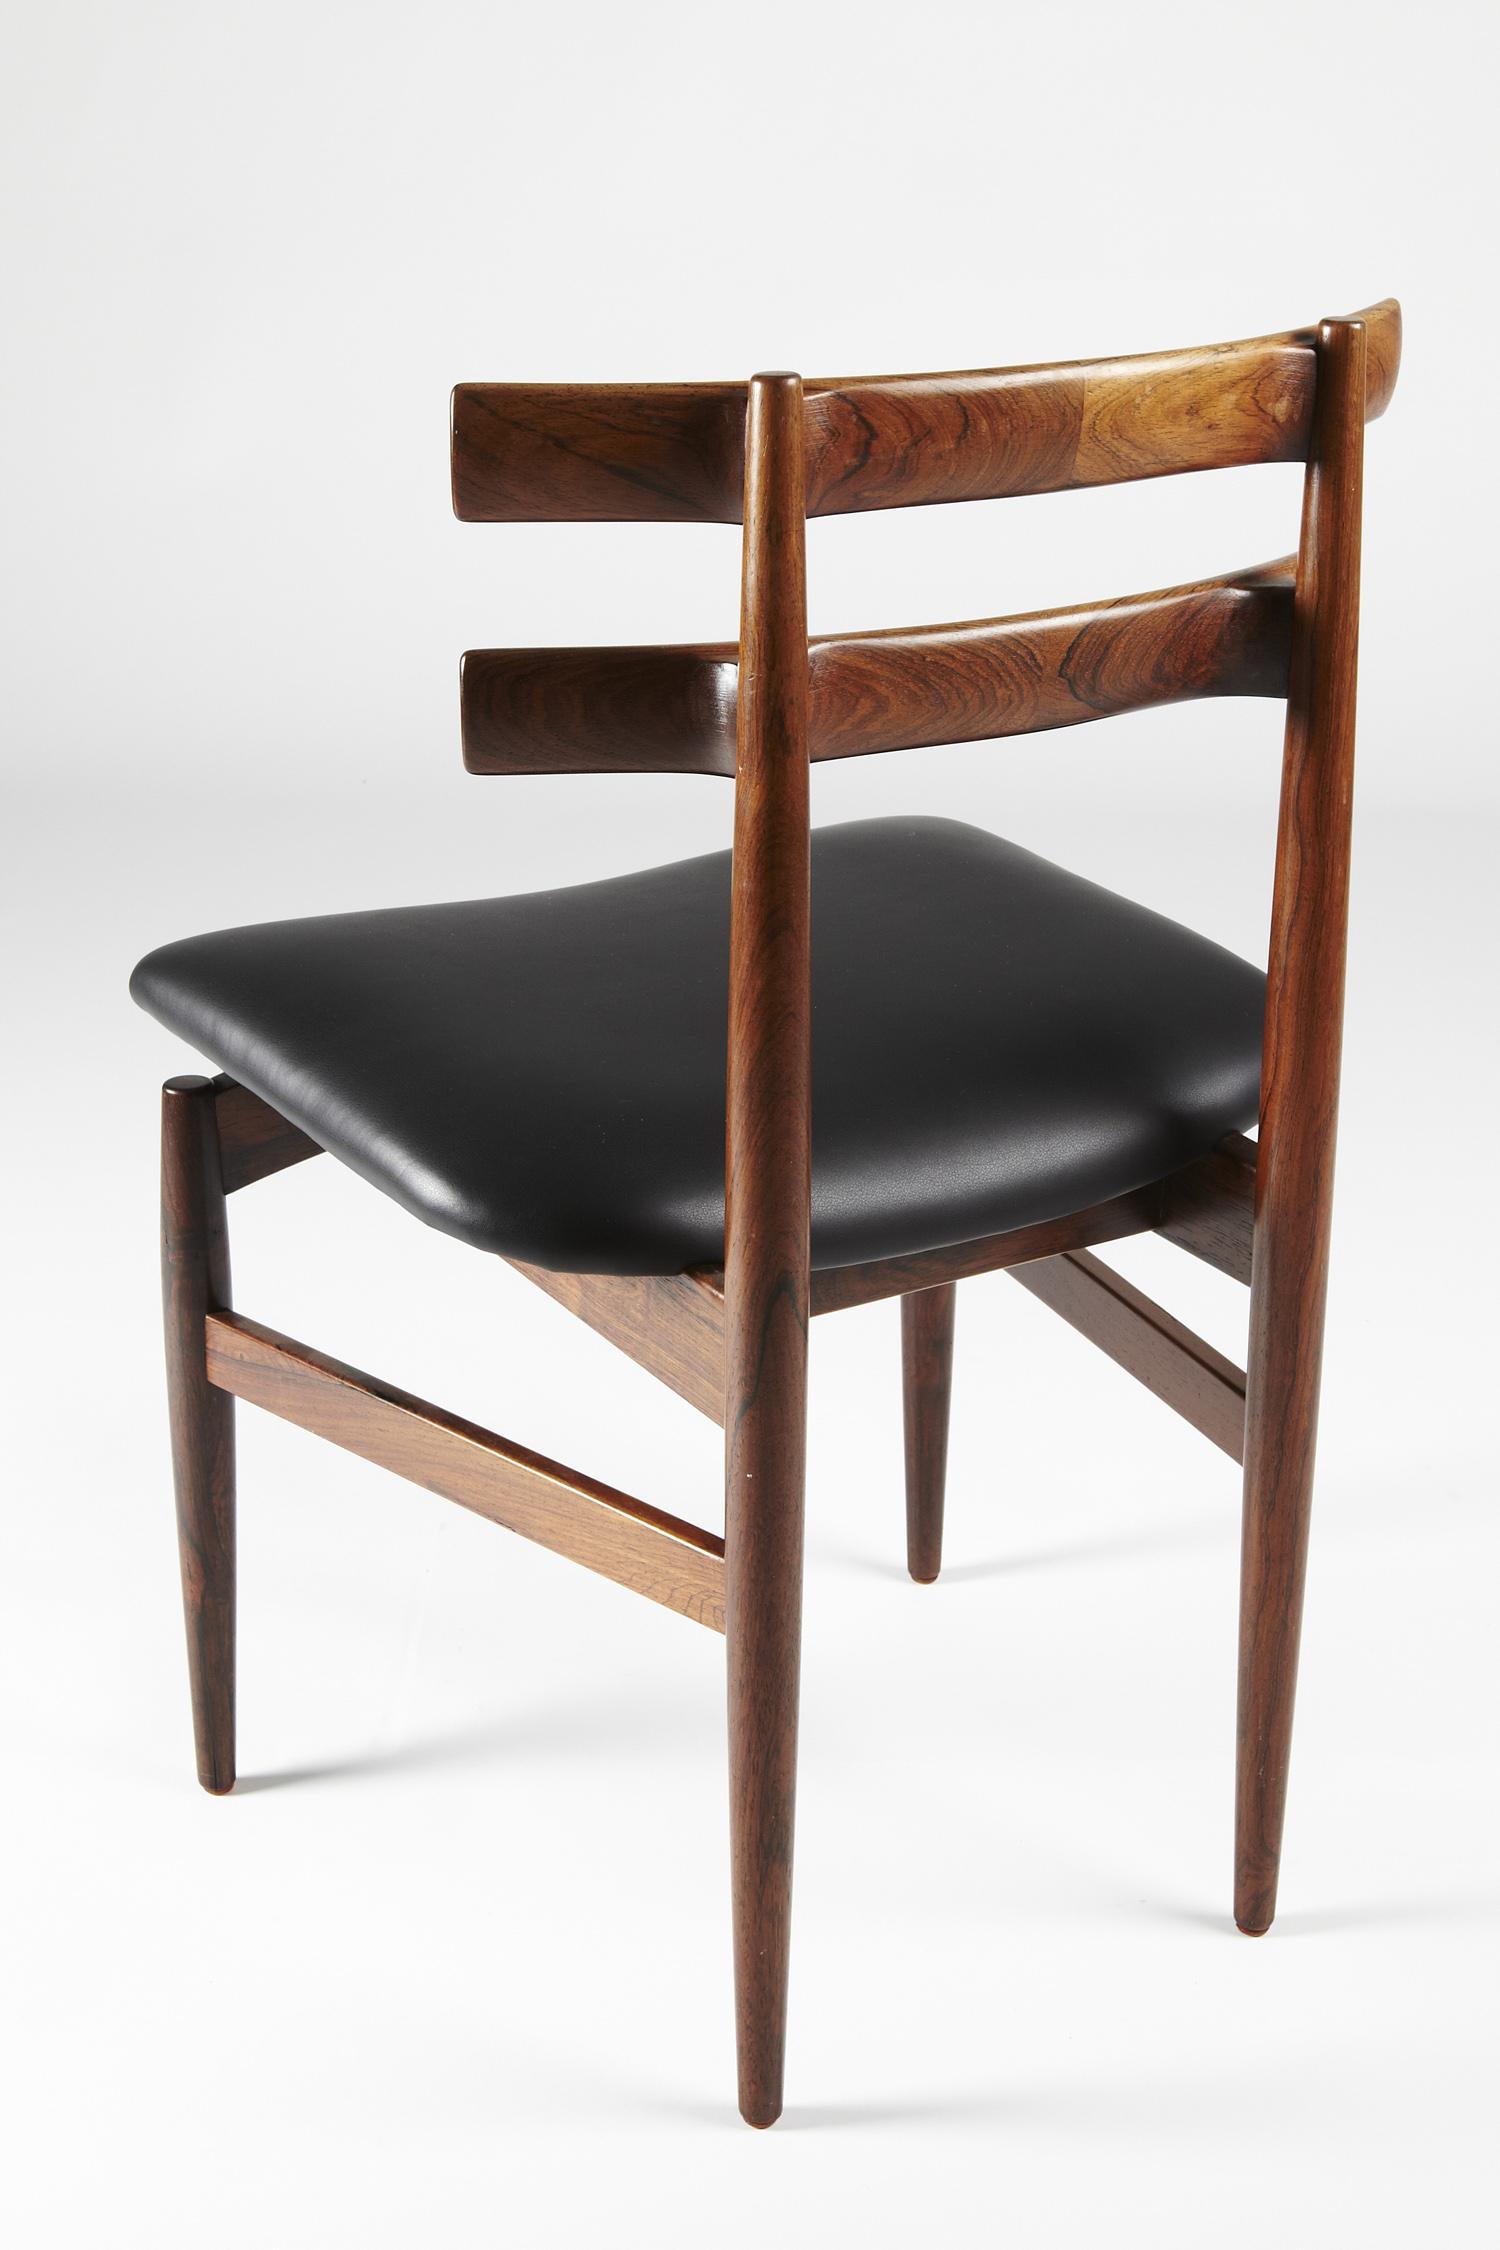 K Kristiansen 1963 Dining Chair  • made 1963-69 •